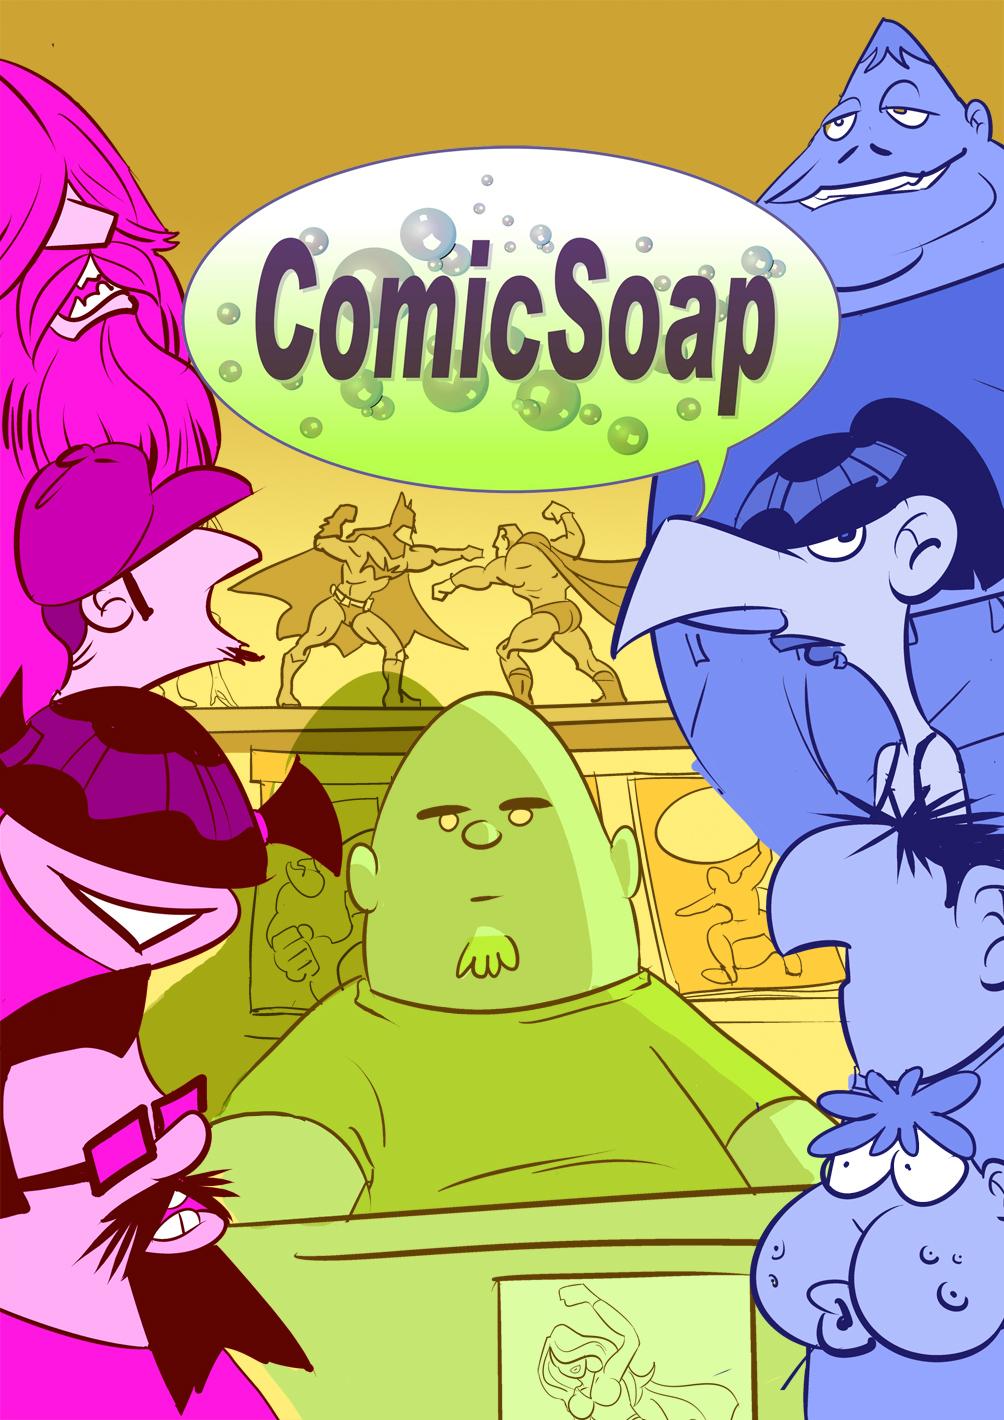 comicsoap_00